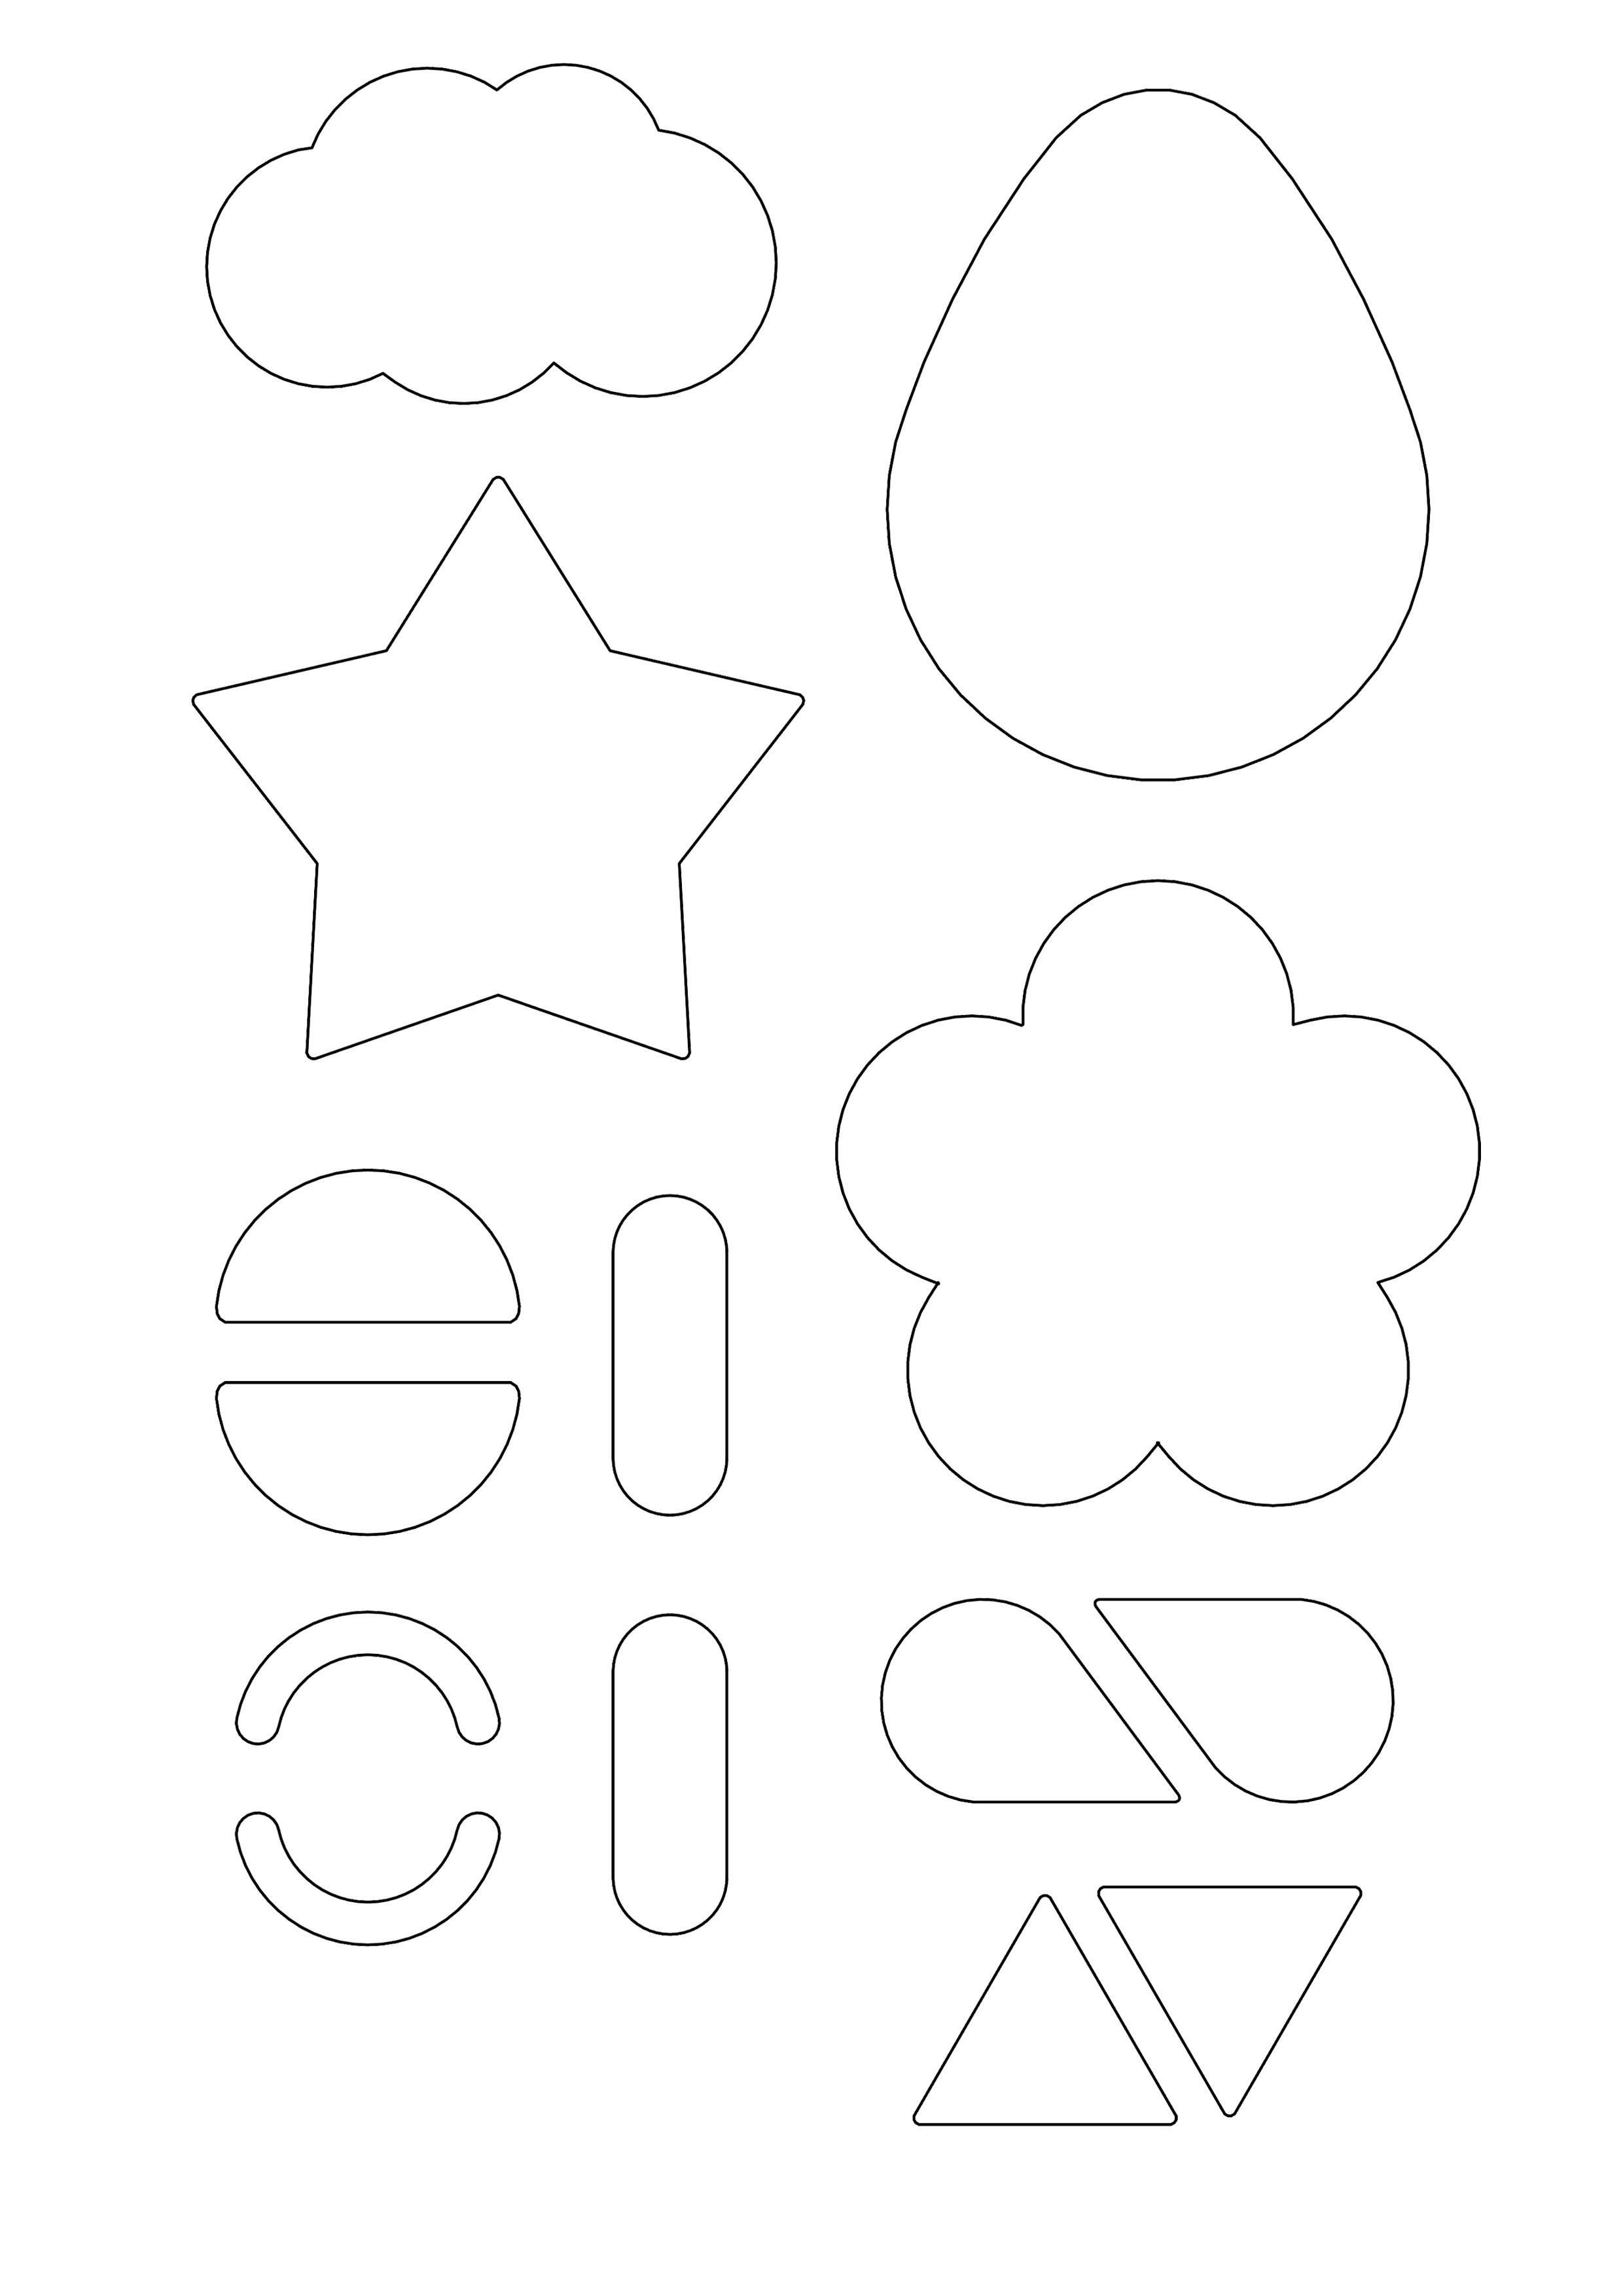 Shapers_Print02.jpg Download free STL file Shapers • 3D printer design, 3deran